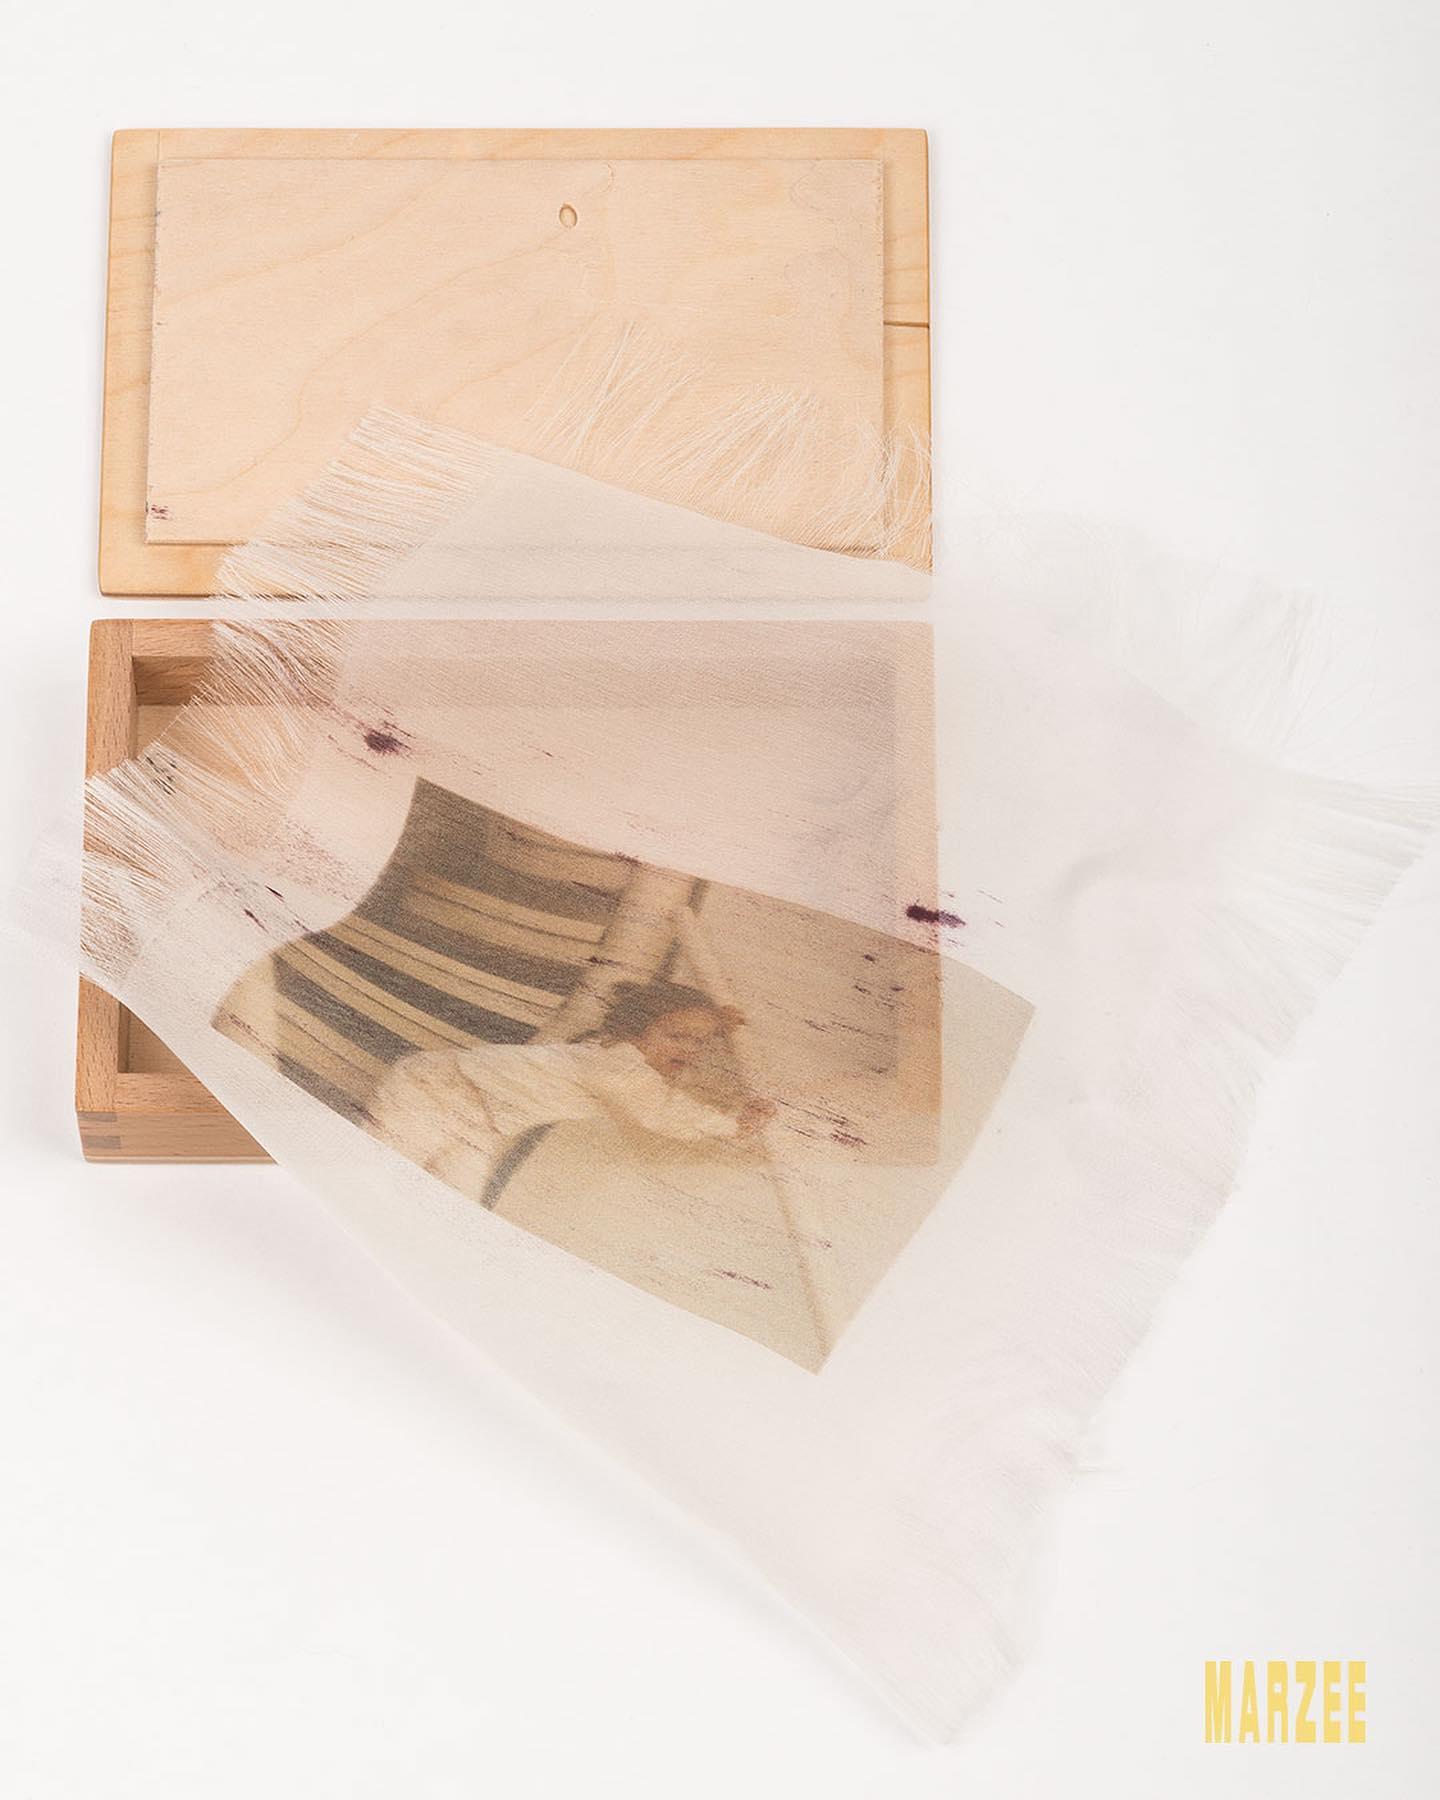 Nina Sajet. PRESENT - 40 years of Galerie Marzee, 2019. Foto met dank aan Galerie Marzee©